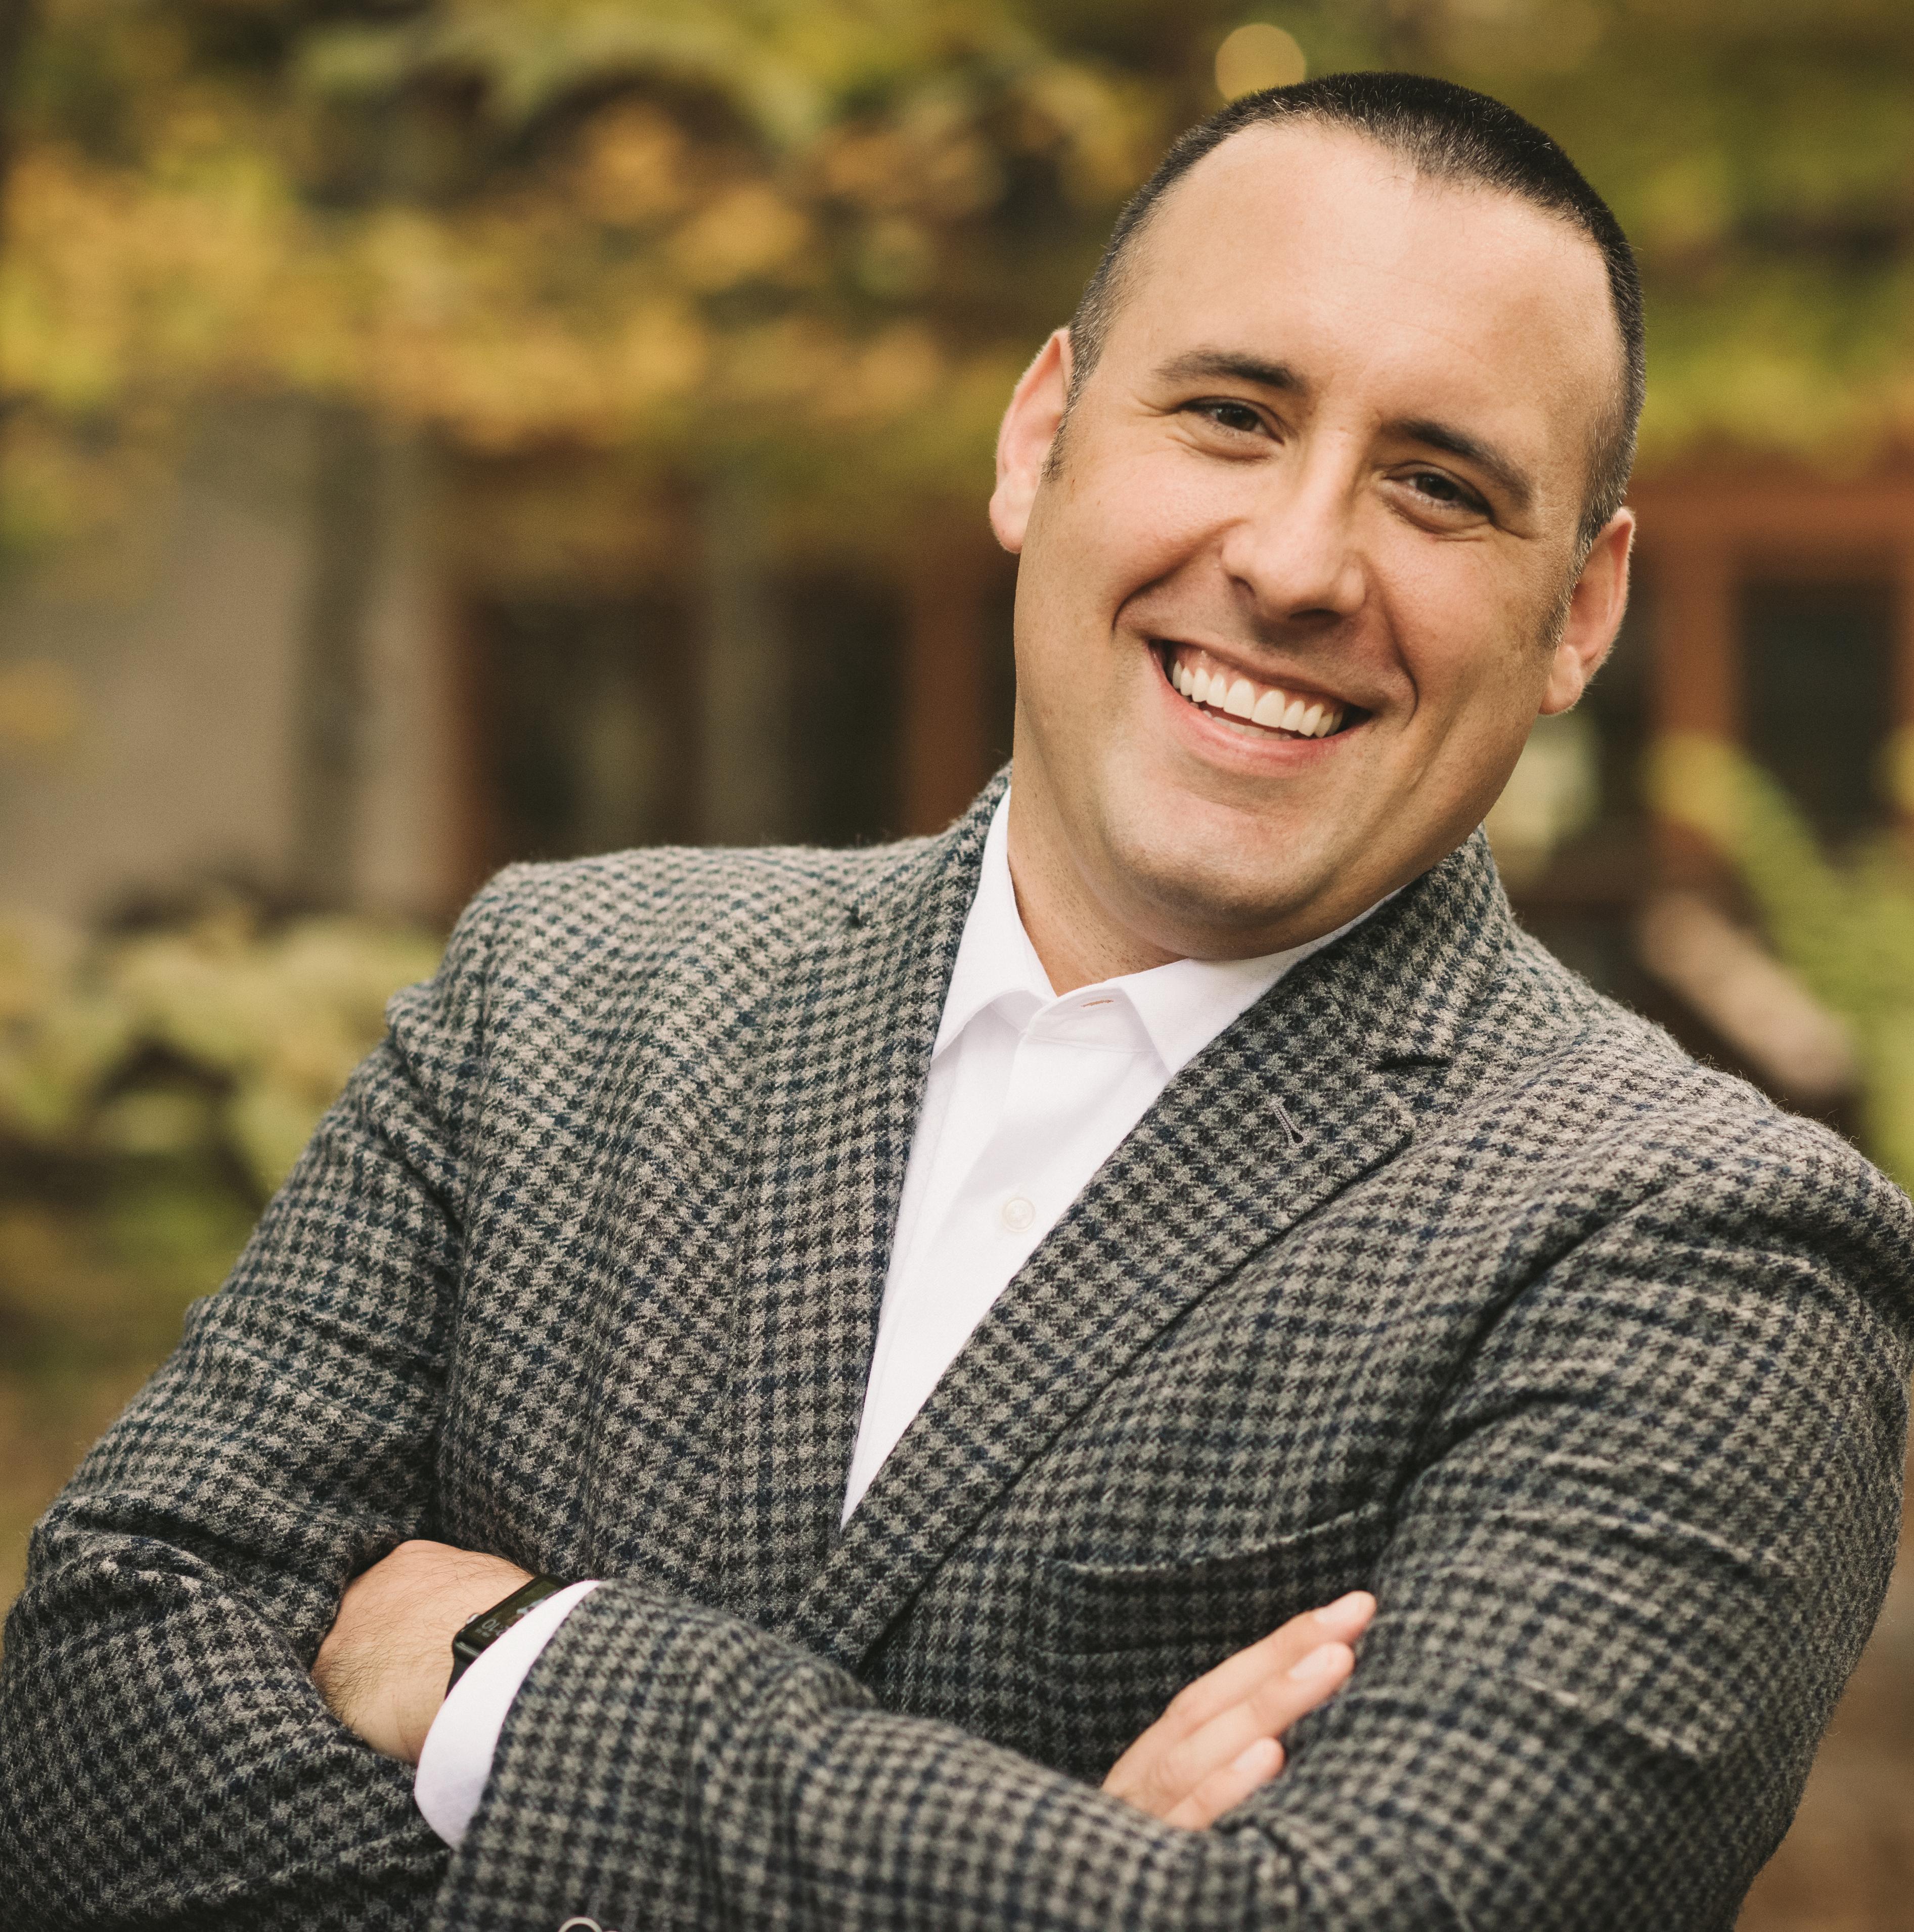 Dr. Kyle Bogan